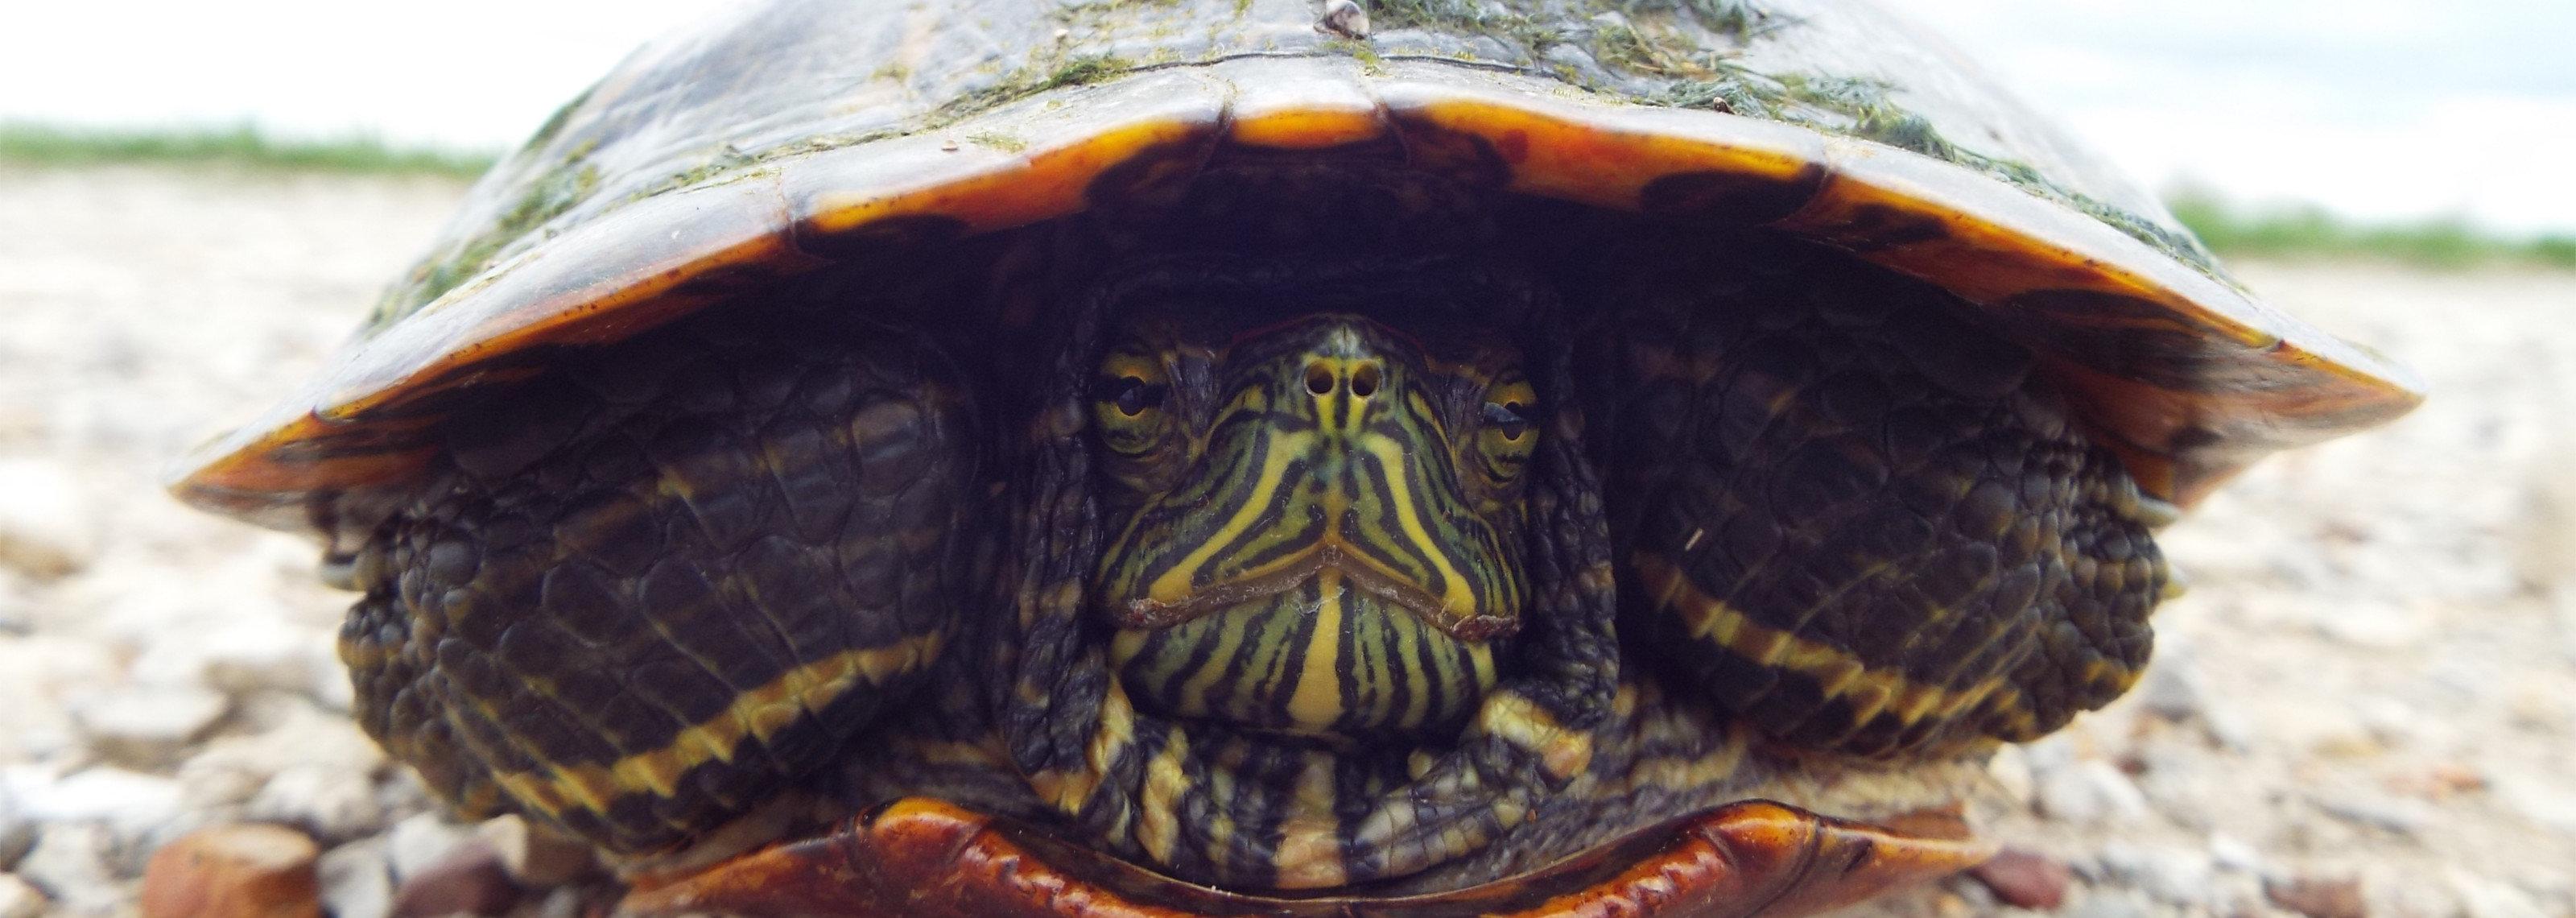 turtle3200x1140.jpg.5dd2908b614b95909f96